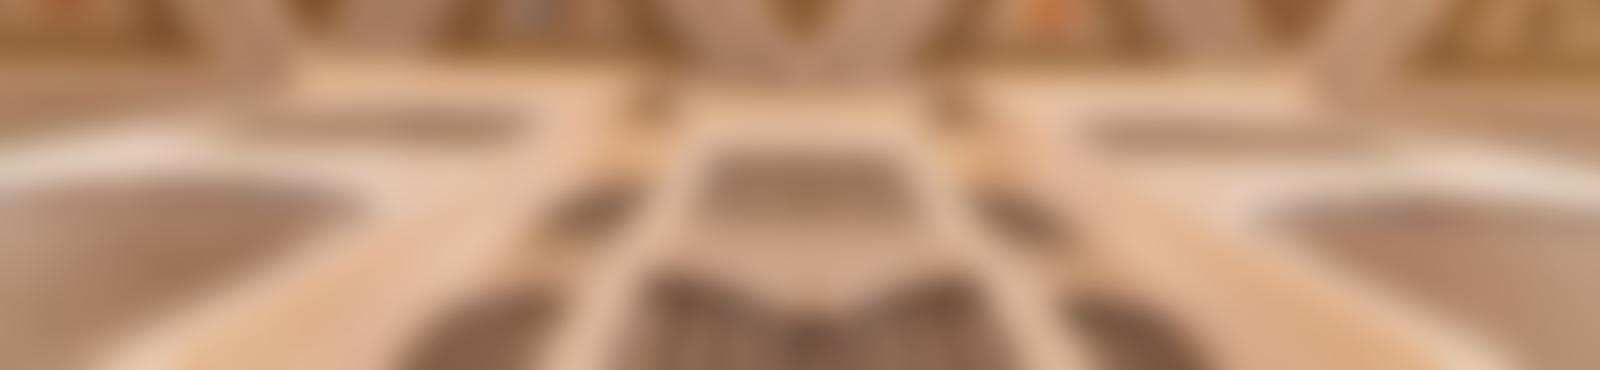 Blurred b5beeddf 4af2 4418 8225 a93d6b855693